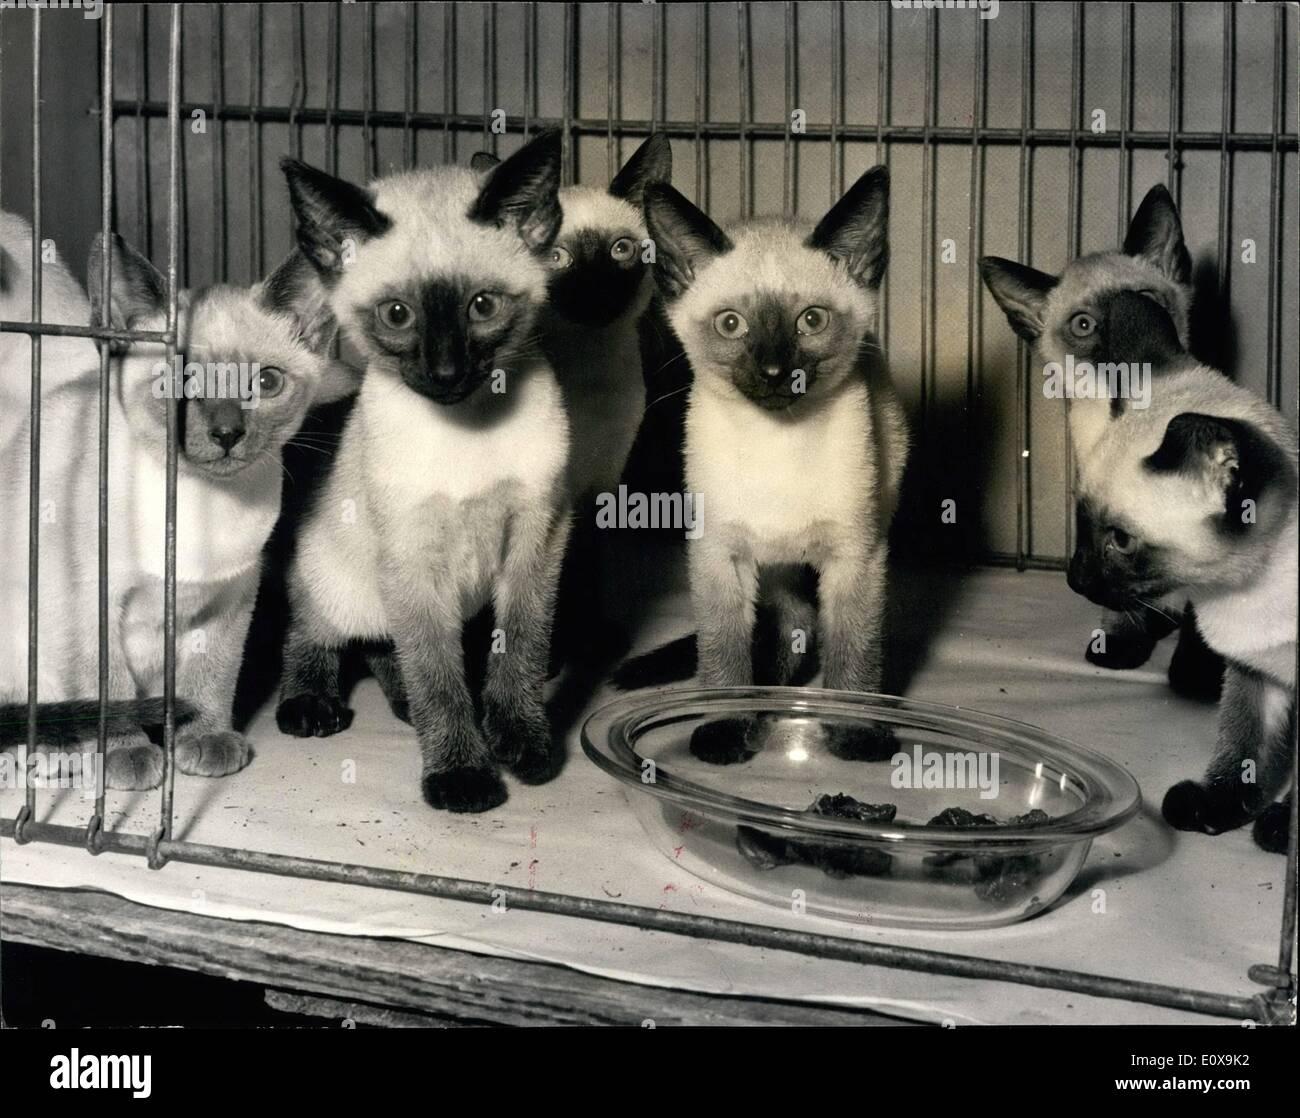 Il 12 Dic. 1965 - National Cat Club Championship Show; Mostra fotografica di una cucciolata di 7 Siamese posseduto dalla sig.ra D. Gregorio di Heald Green Immagini Stock